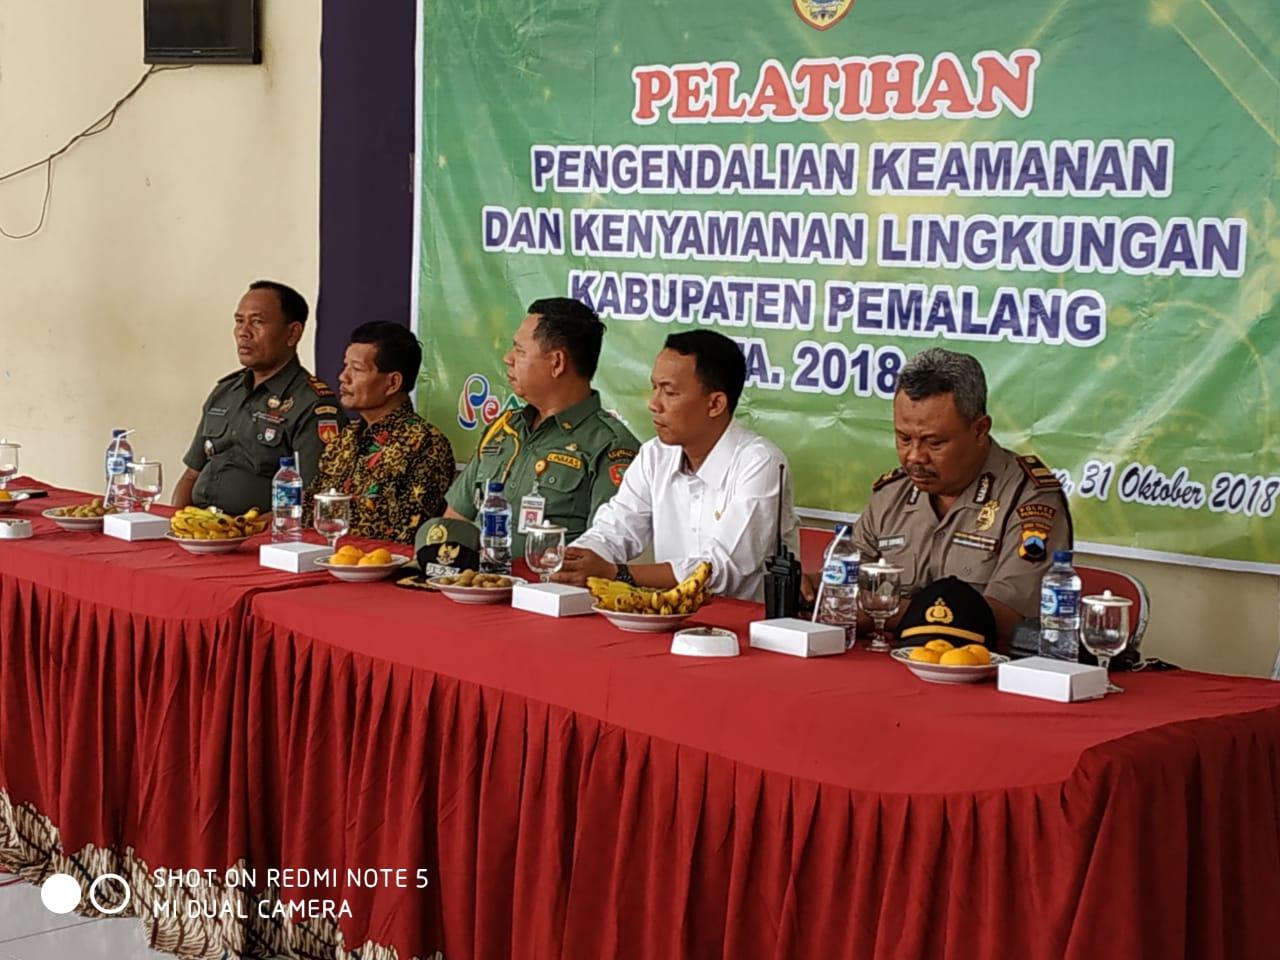 DANRAMIL 04/COMAL HADIRI UPACARA PEMBUKAAN PELATIHAN PENGENDALIAN KEAMANAN DAN KENYAMANAN LINGKUNGAN KAB. PEMALANG